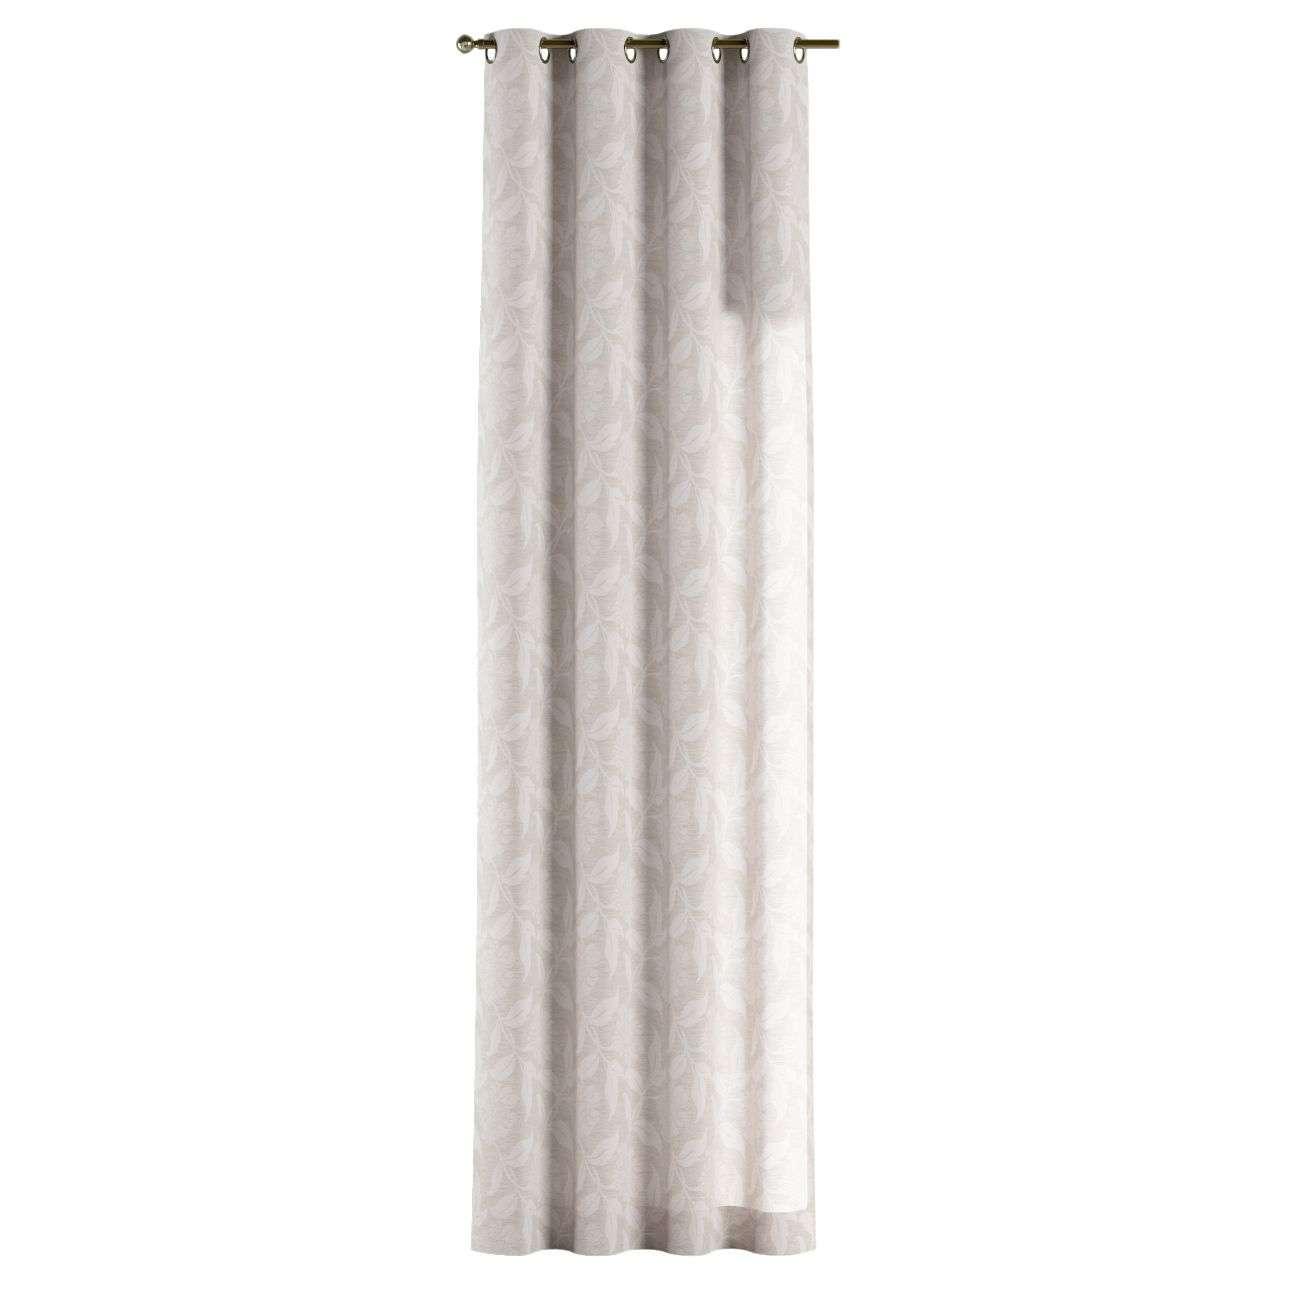 Gardin med öljetter 1 längd 130 × 260 cm i kollektionen Venice - NYHET, Tyg: 140-51